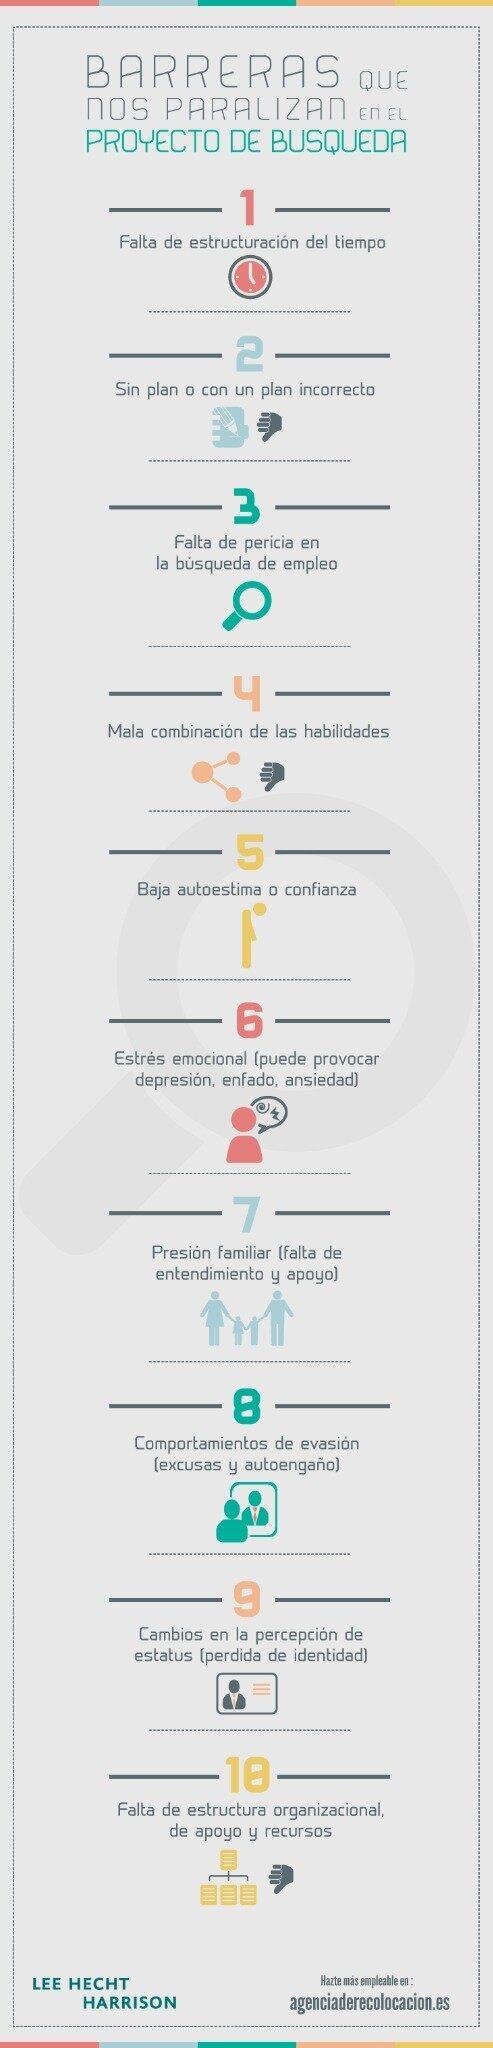 10 barreras en la búsqueda de #empleo